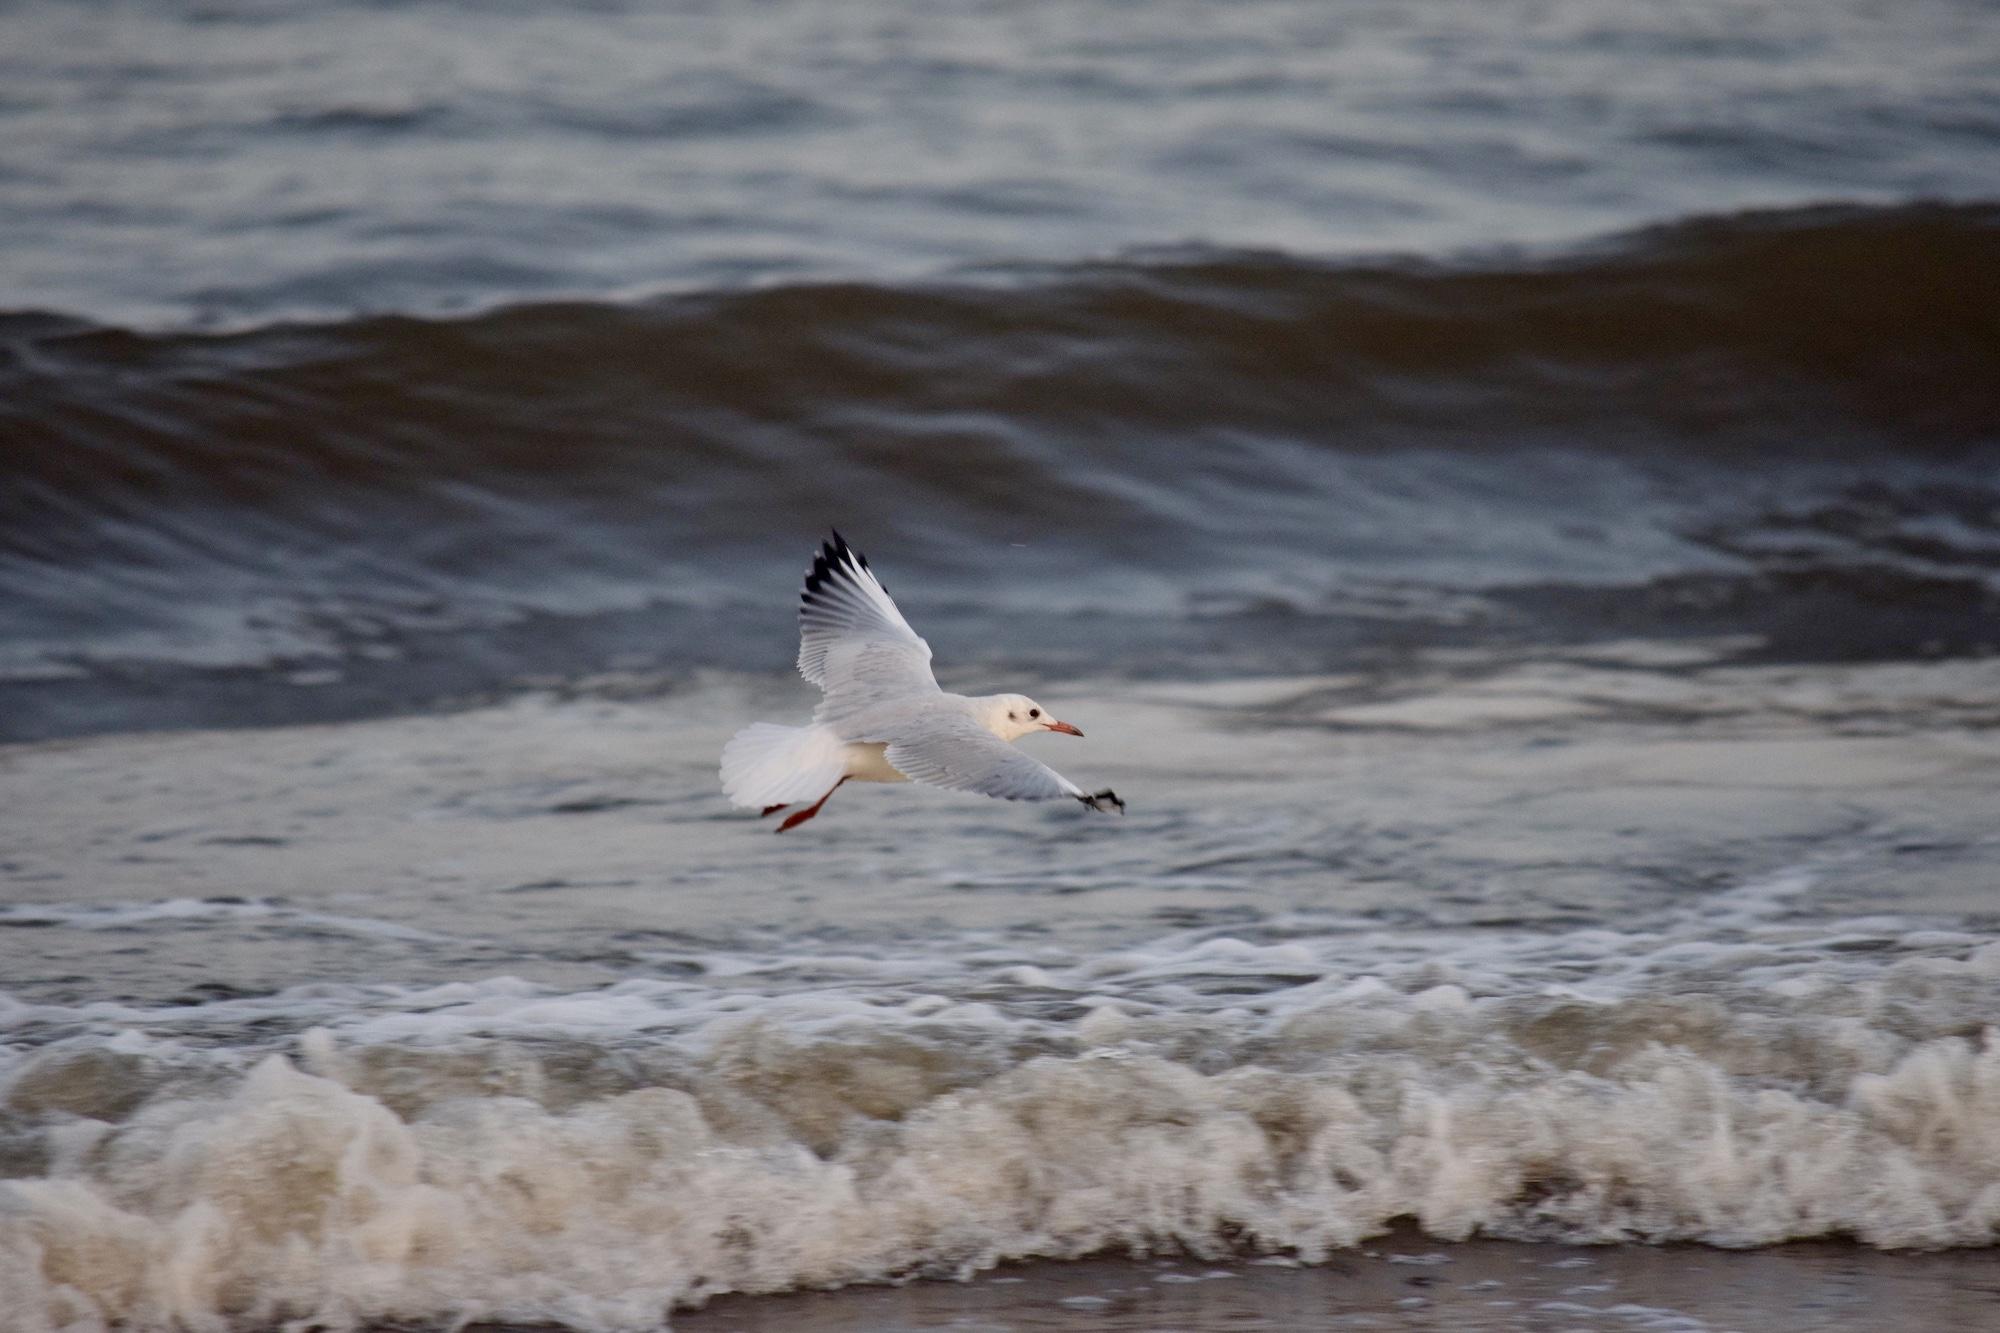 Mare - Pescurs in zbor